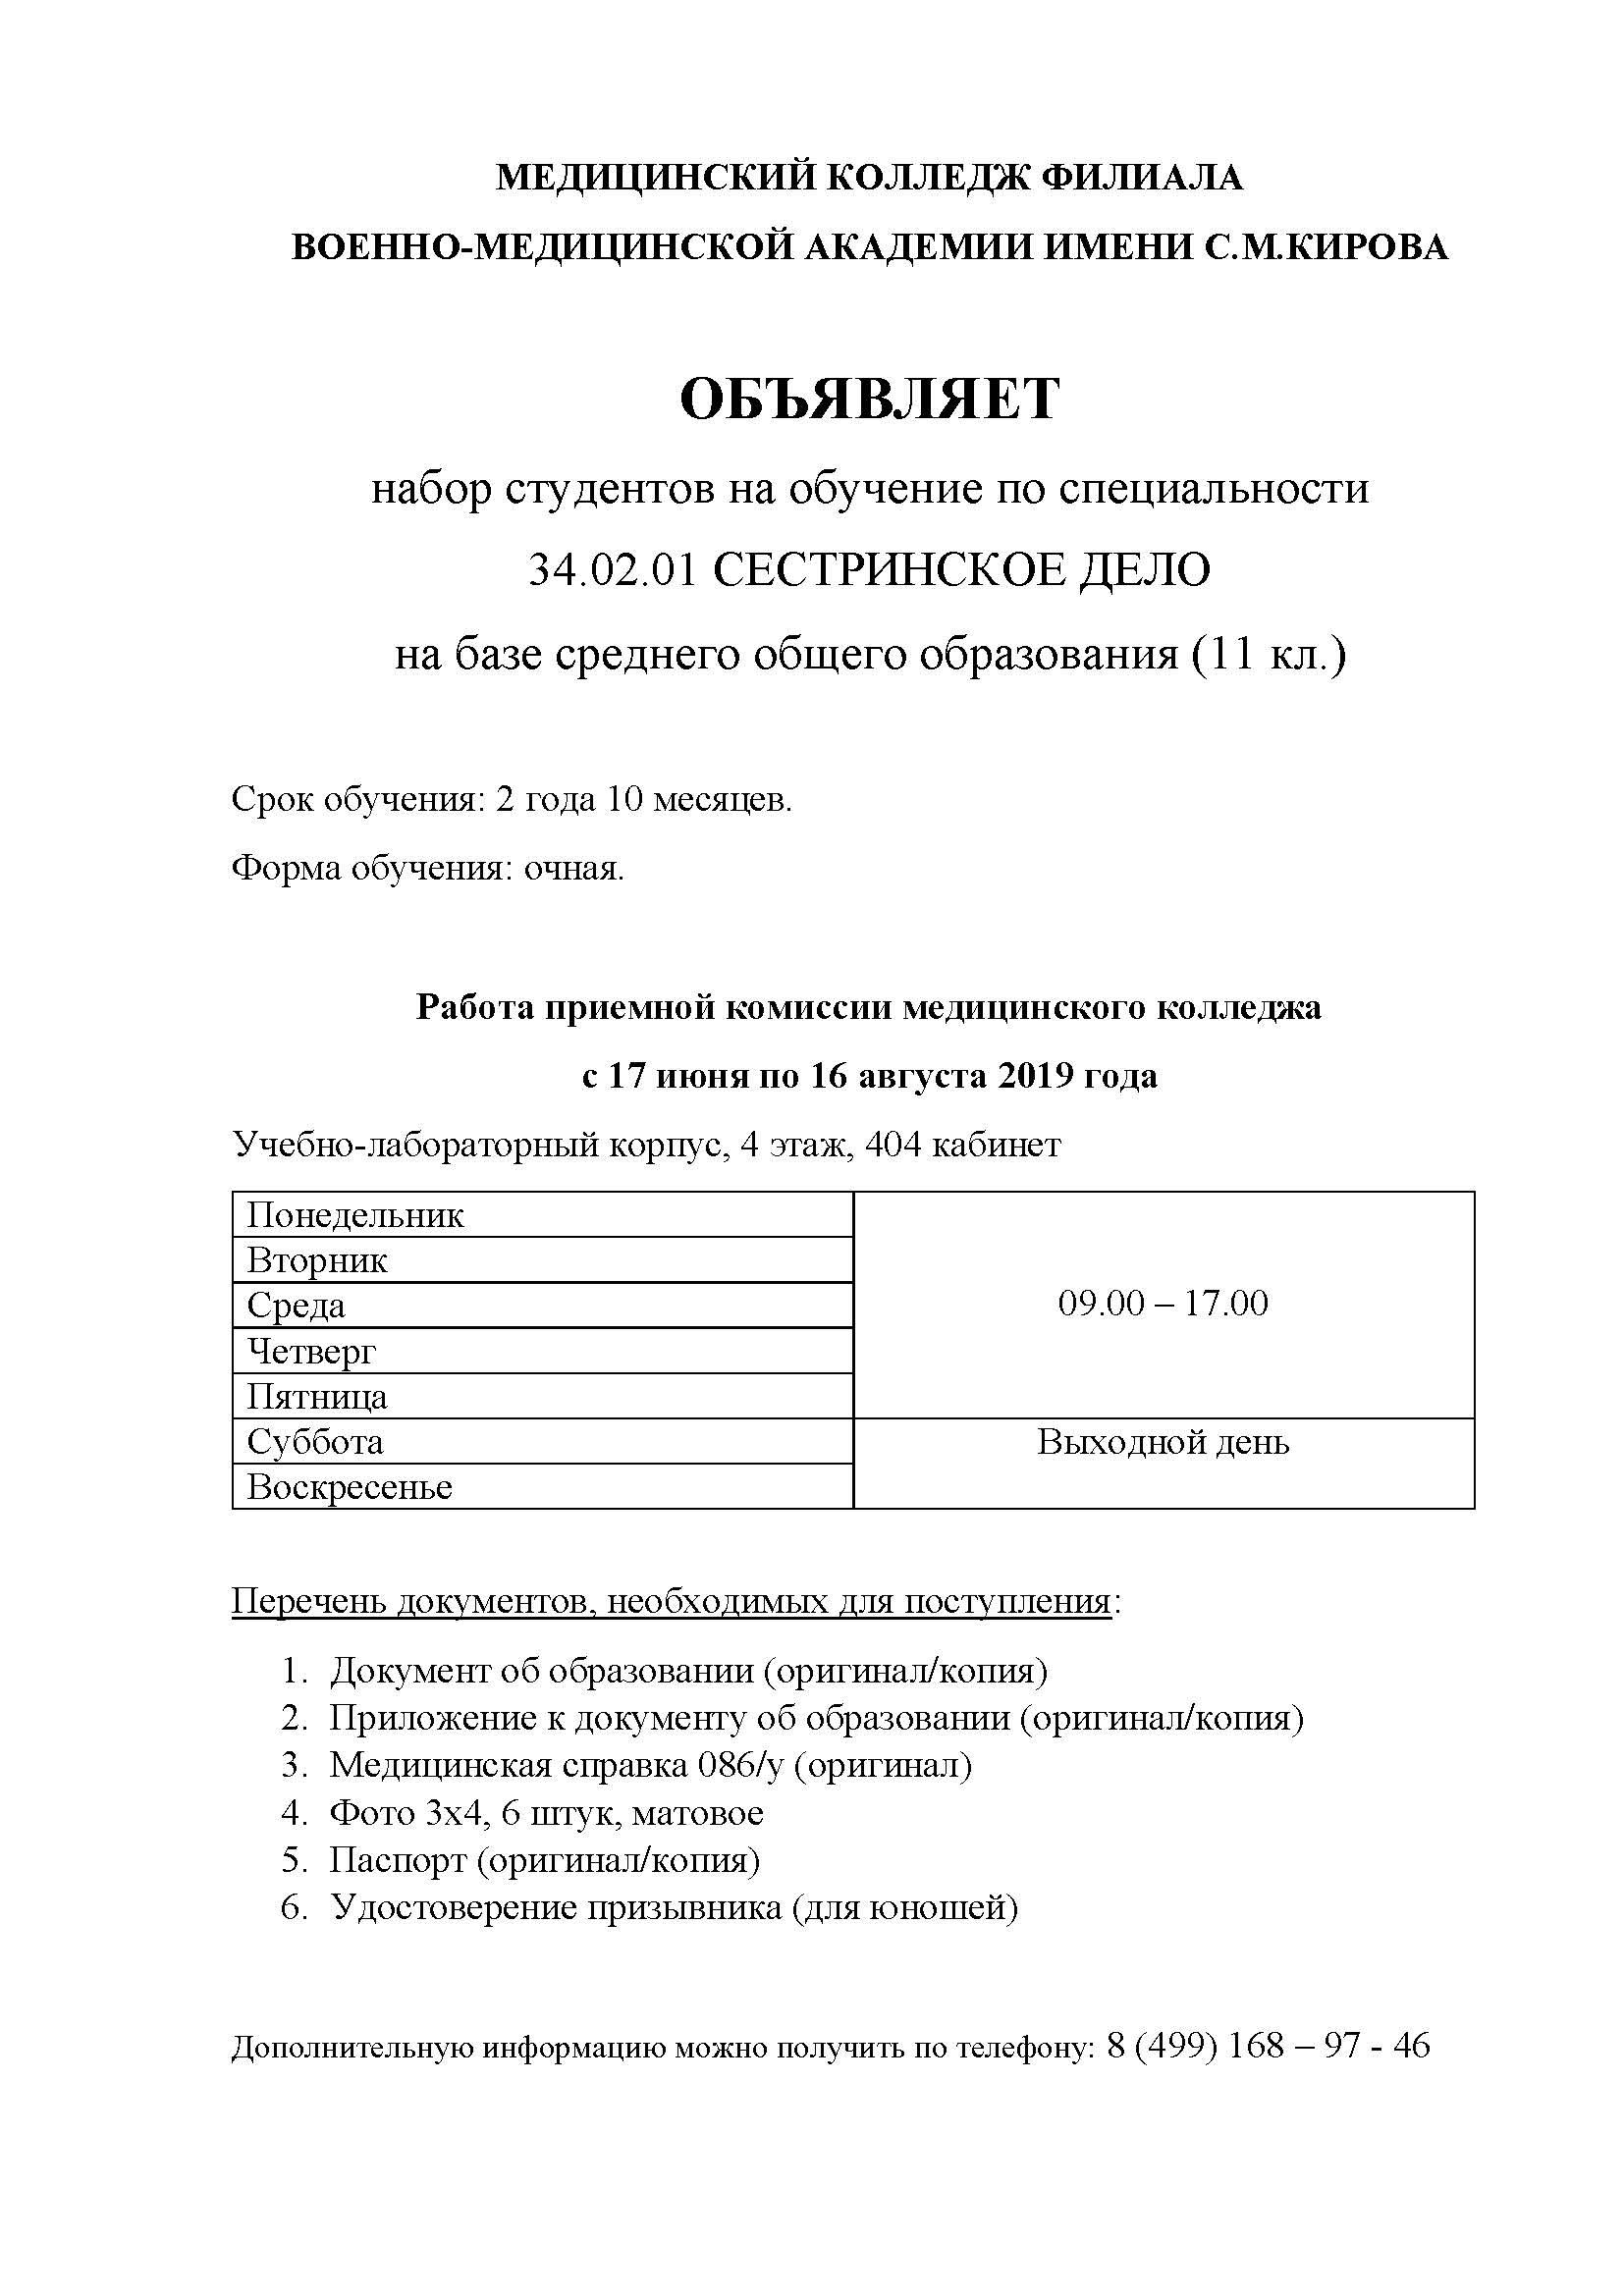 34.02.01 СЕСТРИНСКОЕ ДЕЛО